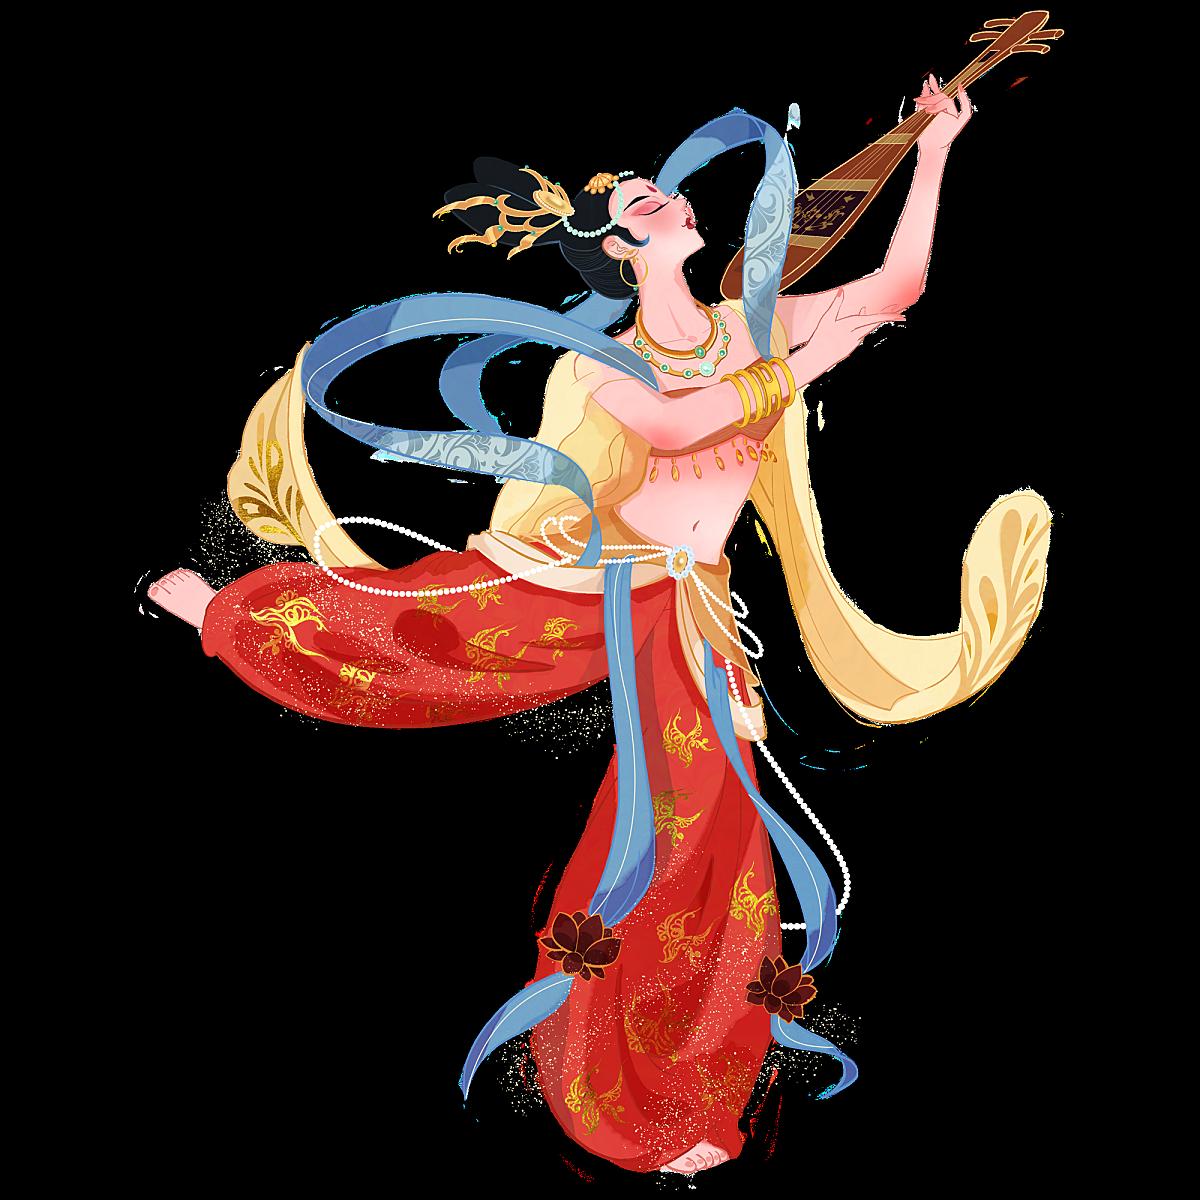 中国风-国潮敦煌飞天仙女人物插画1